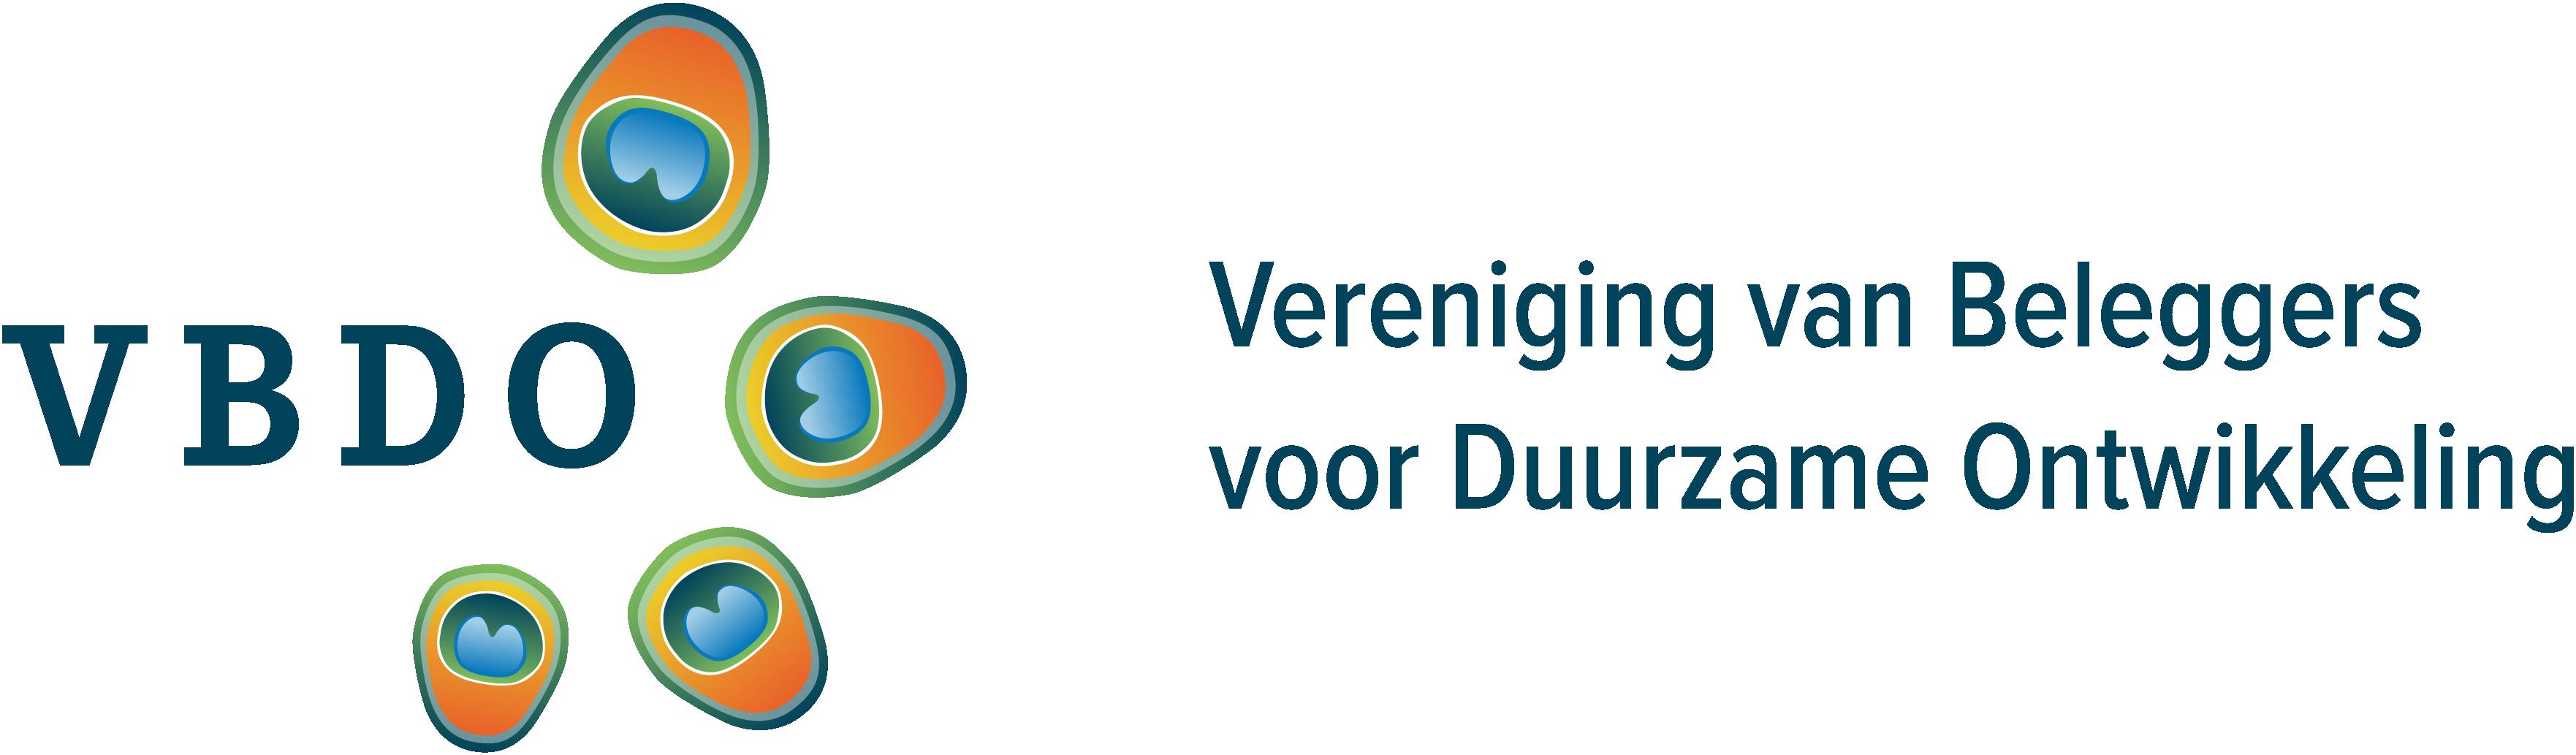 VBDO – Jij bent ook belegger Logo